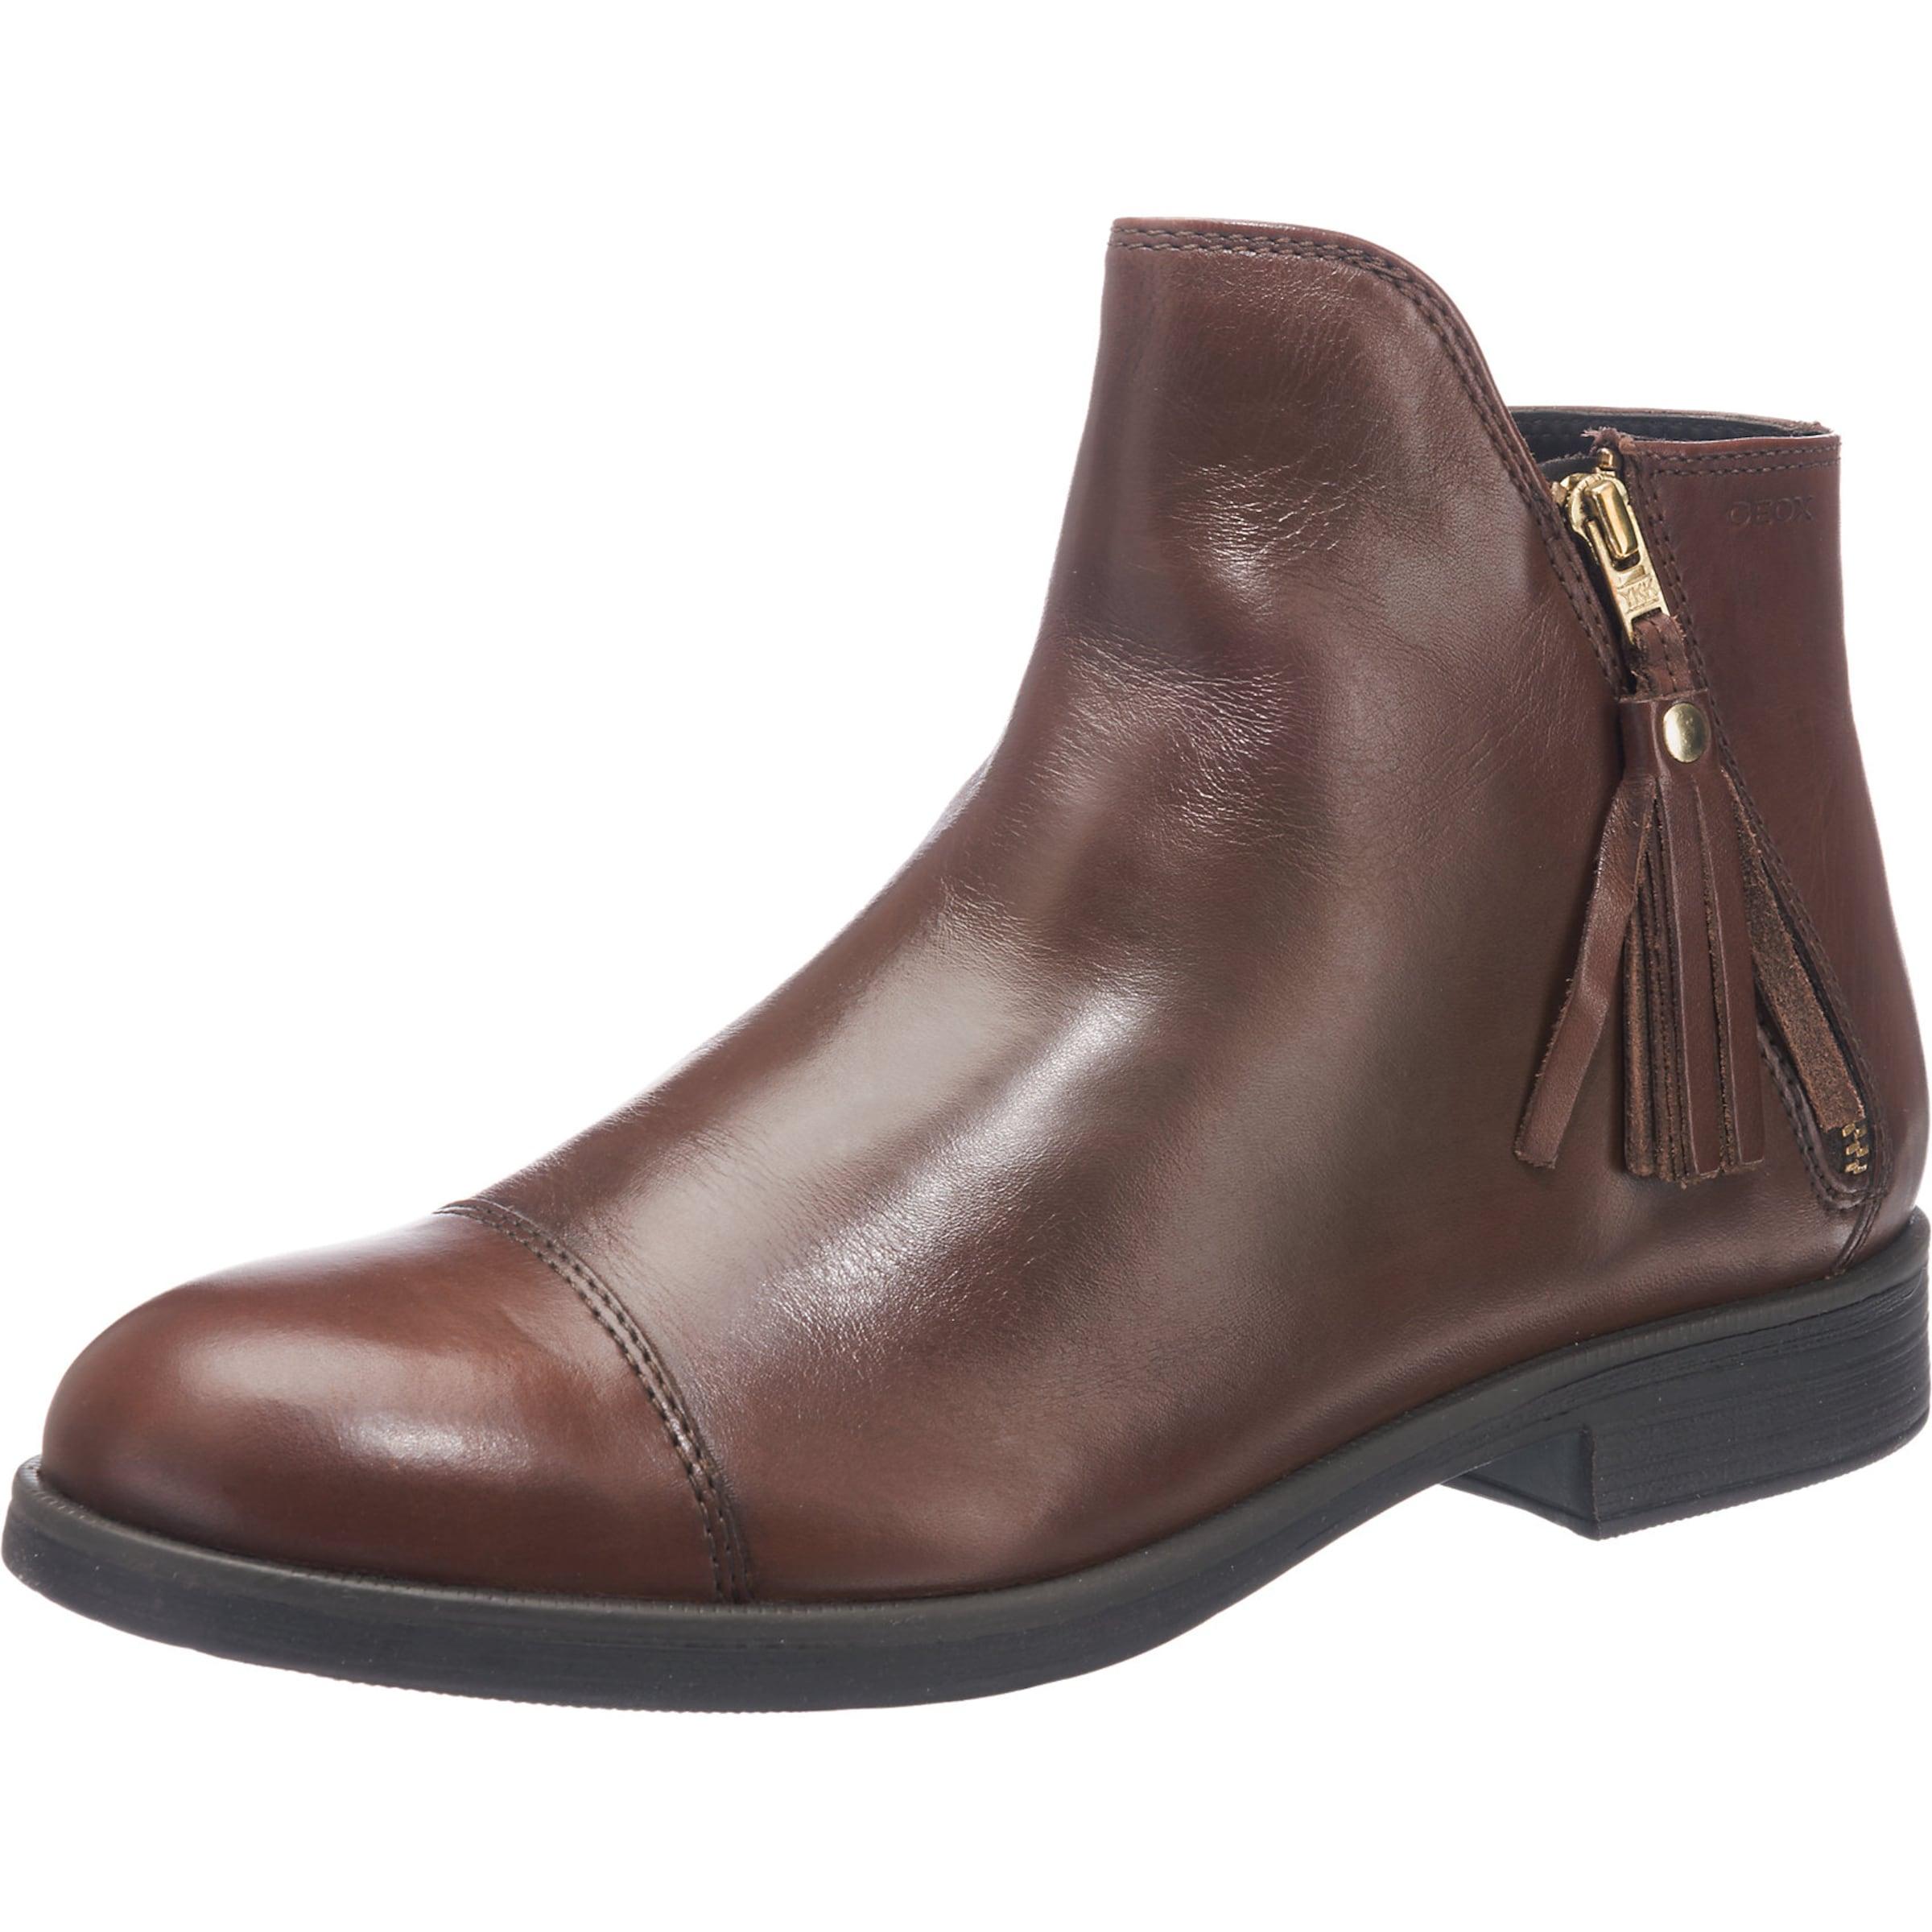 GEOX Agata Stiefeletten Verschleißfeste billige Schuhe